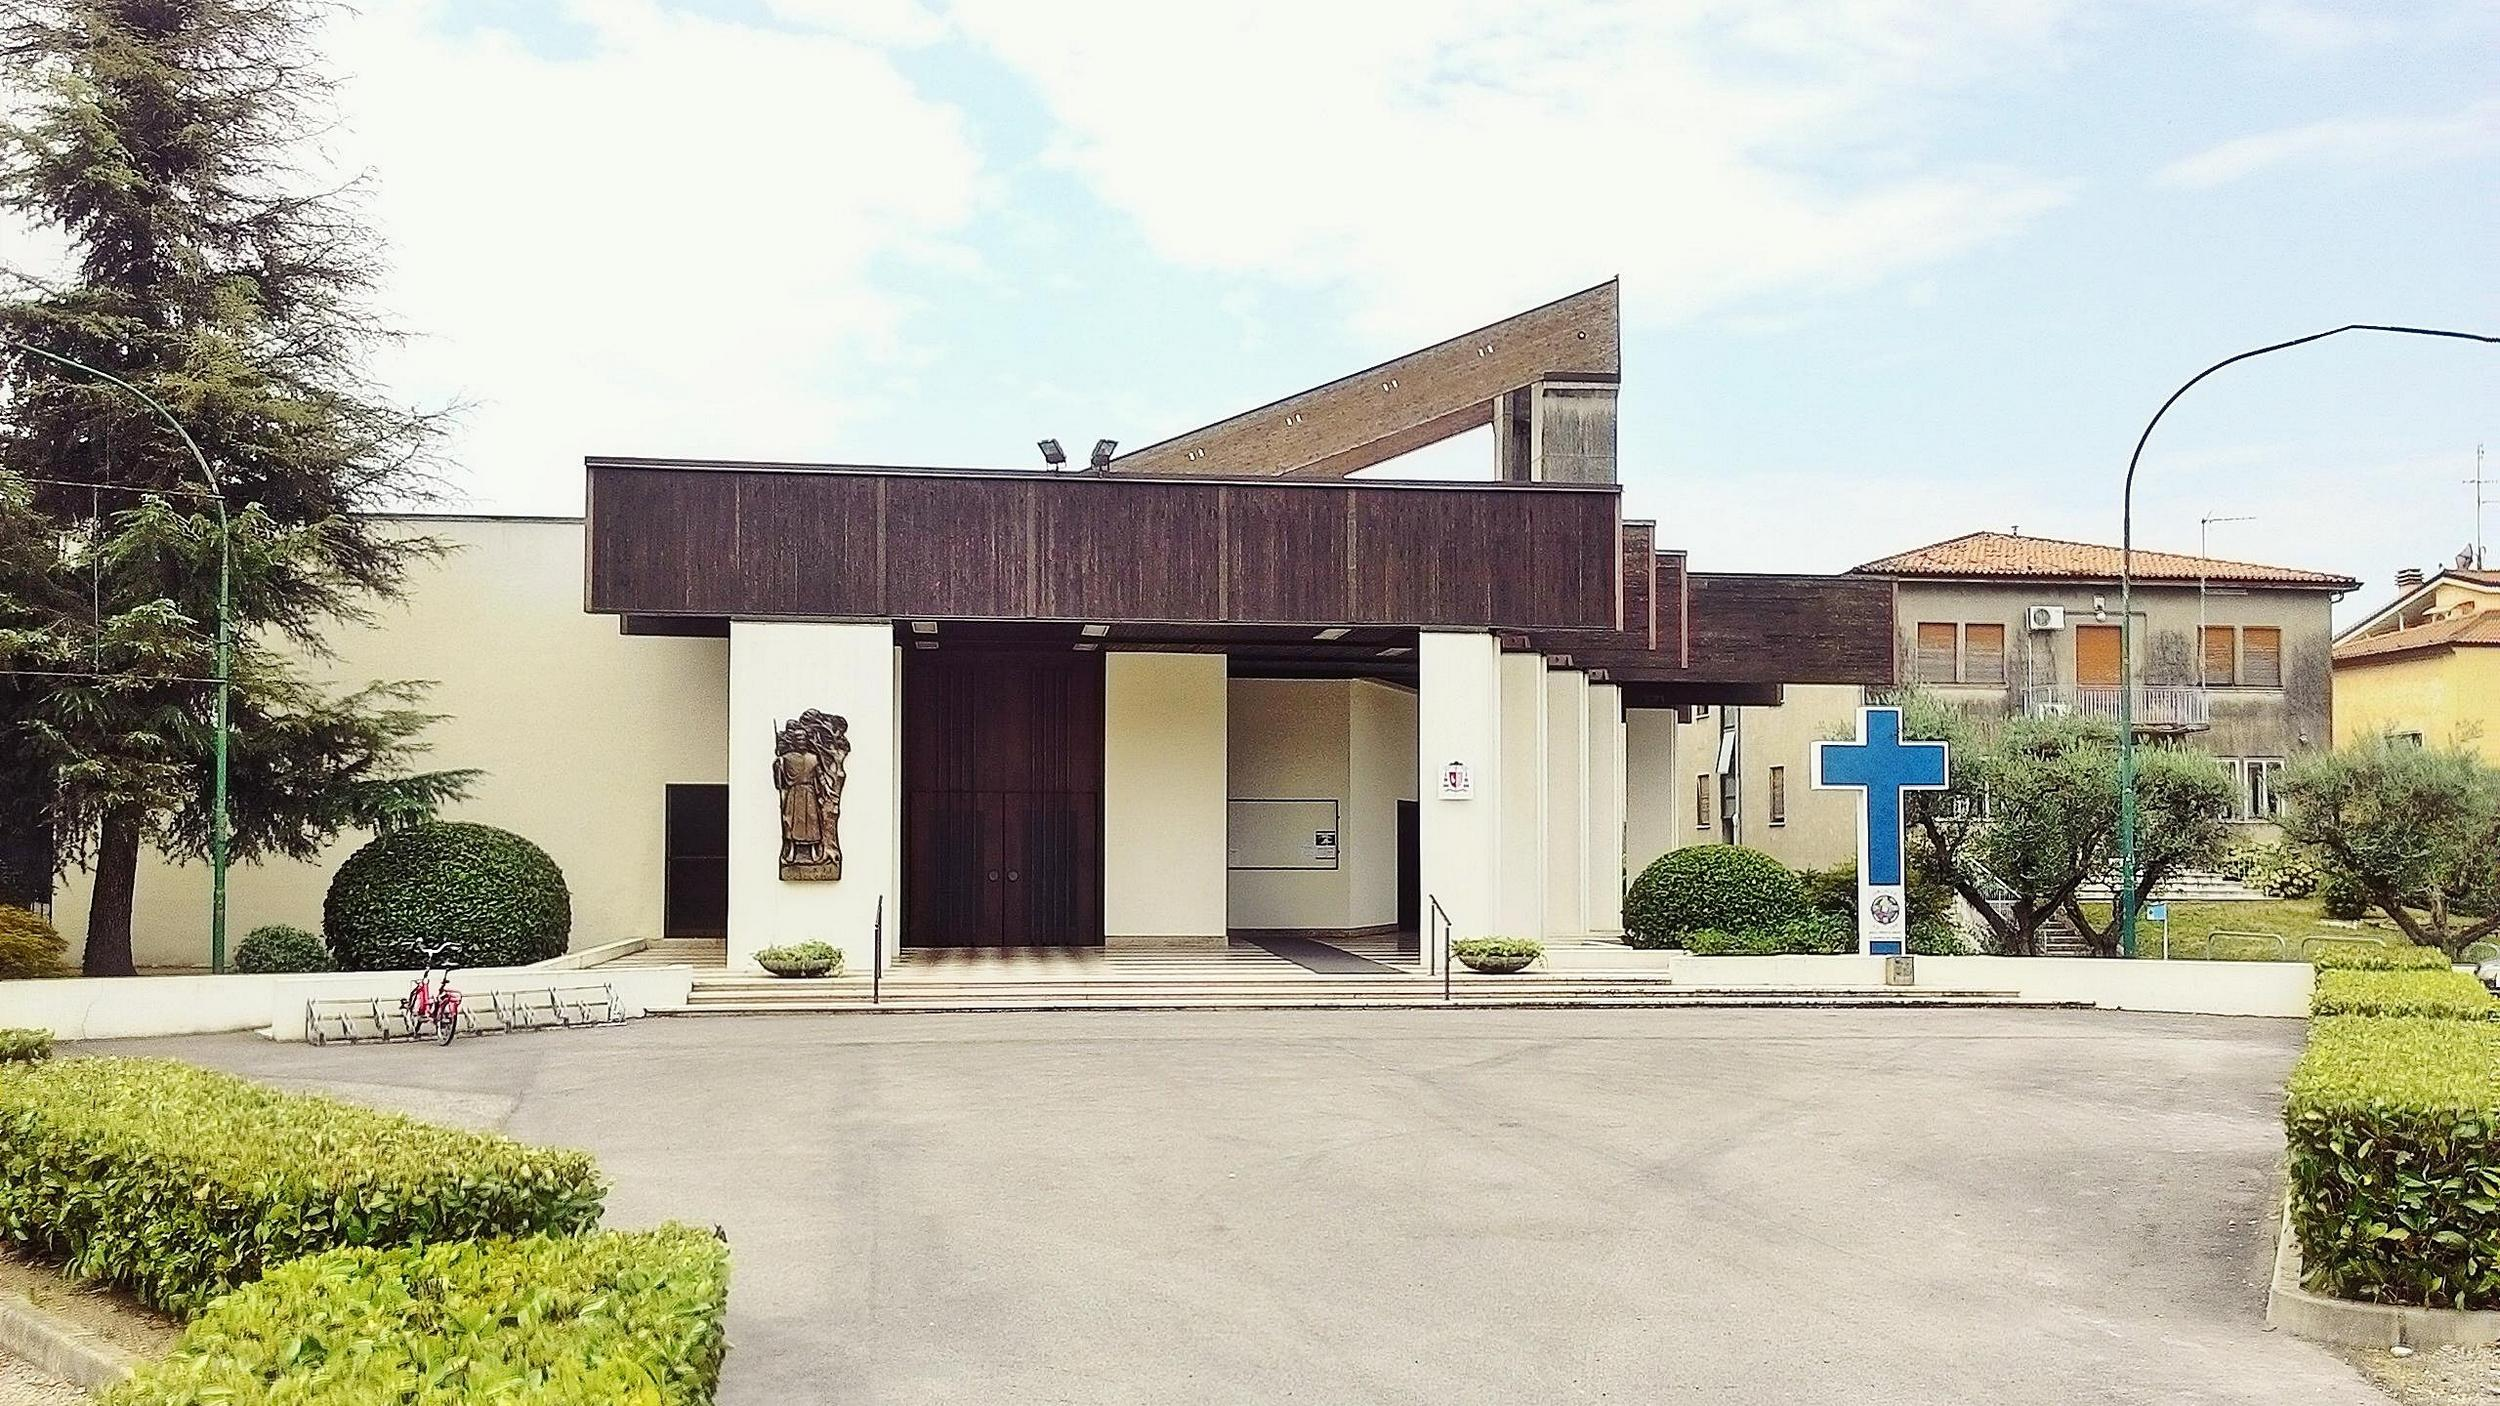 La nuova chiesa di Battaglia Terme, anch'essa dedicata a San Giacomo Maggiore; sulla destra, la canonica.